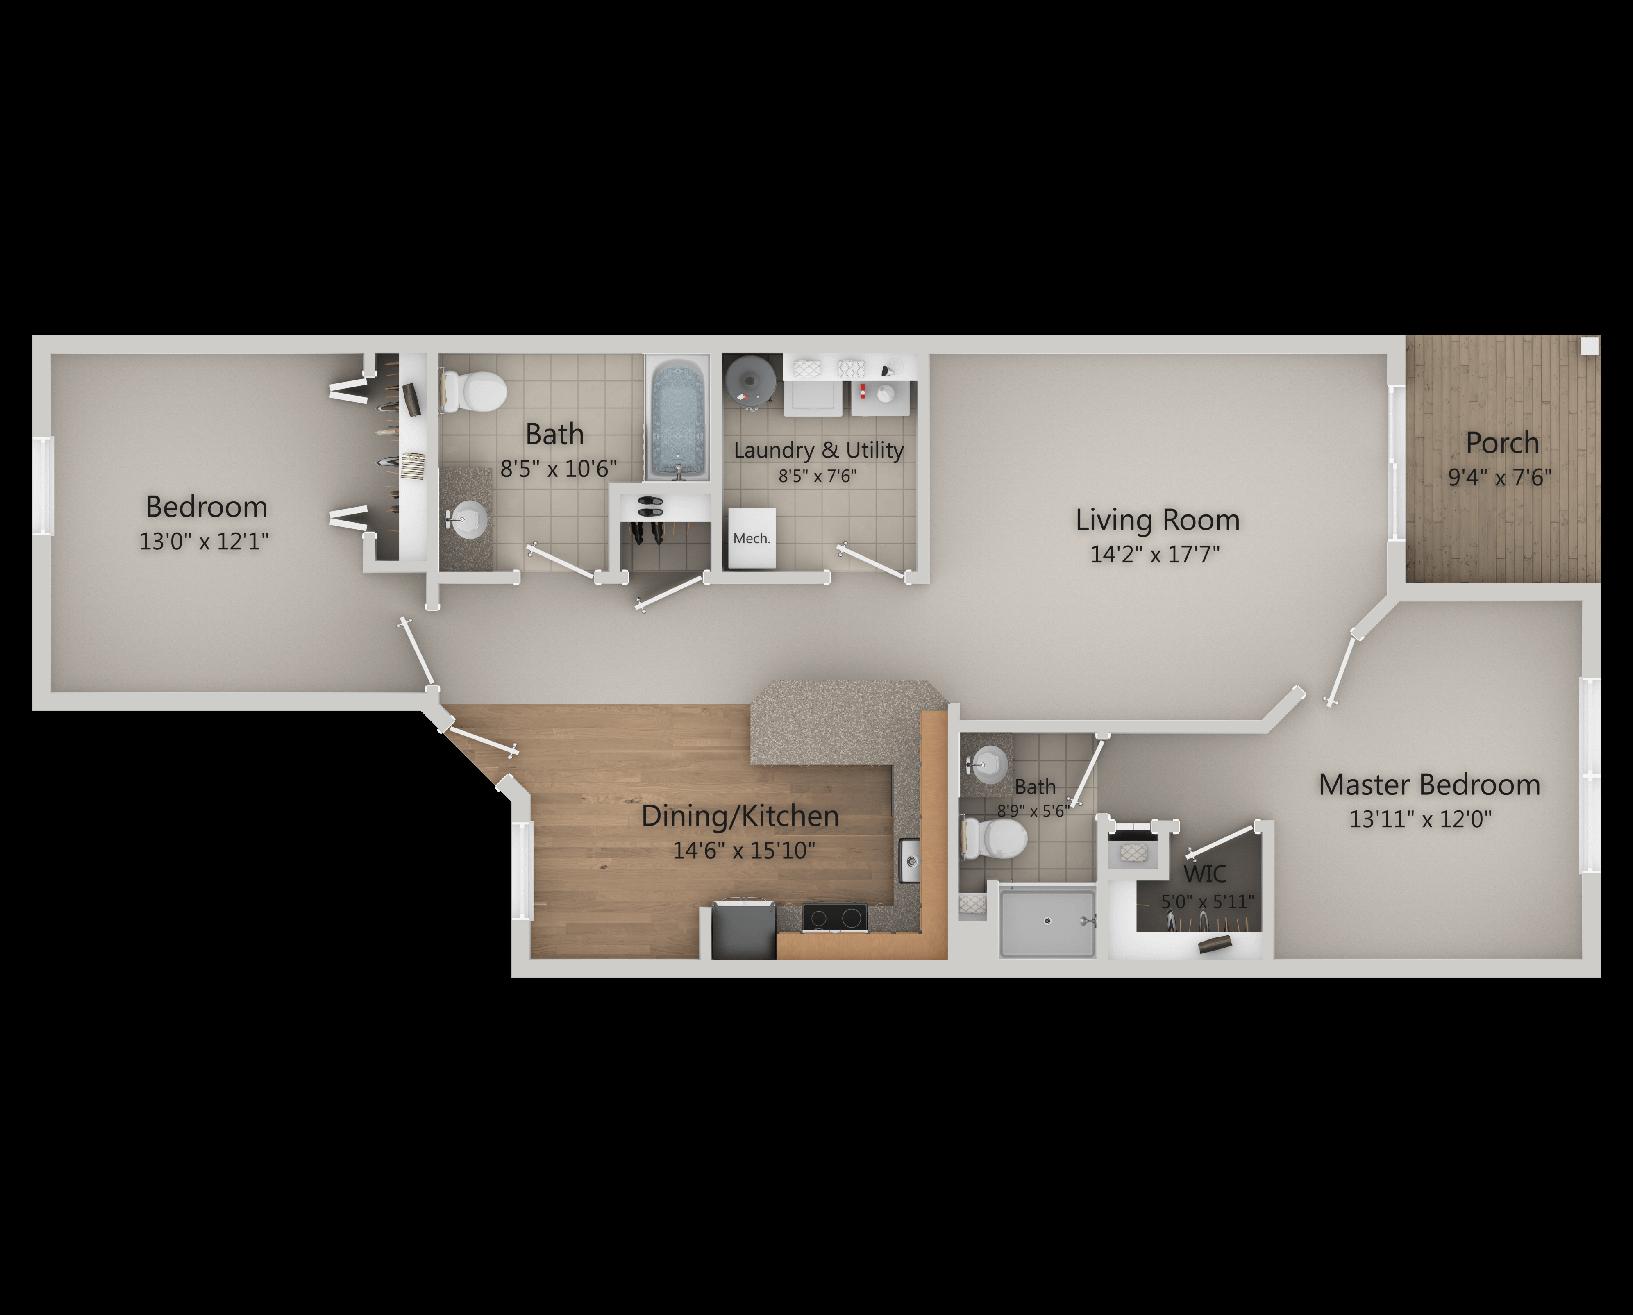 Hudson Preserve - Algonquin 2 Bed, 2 Bath